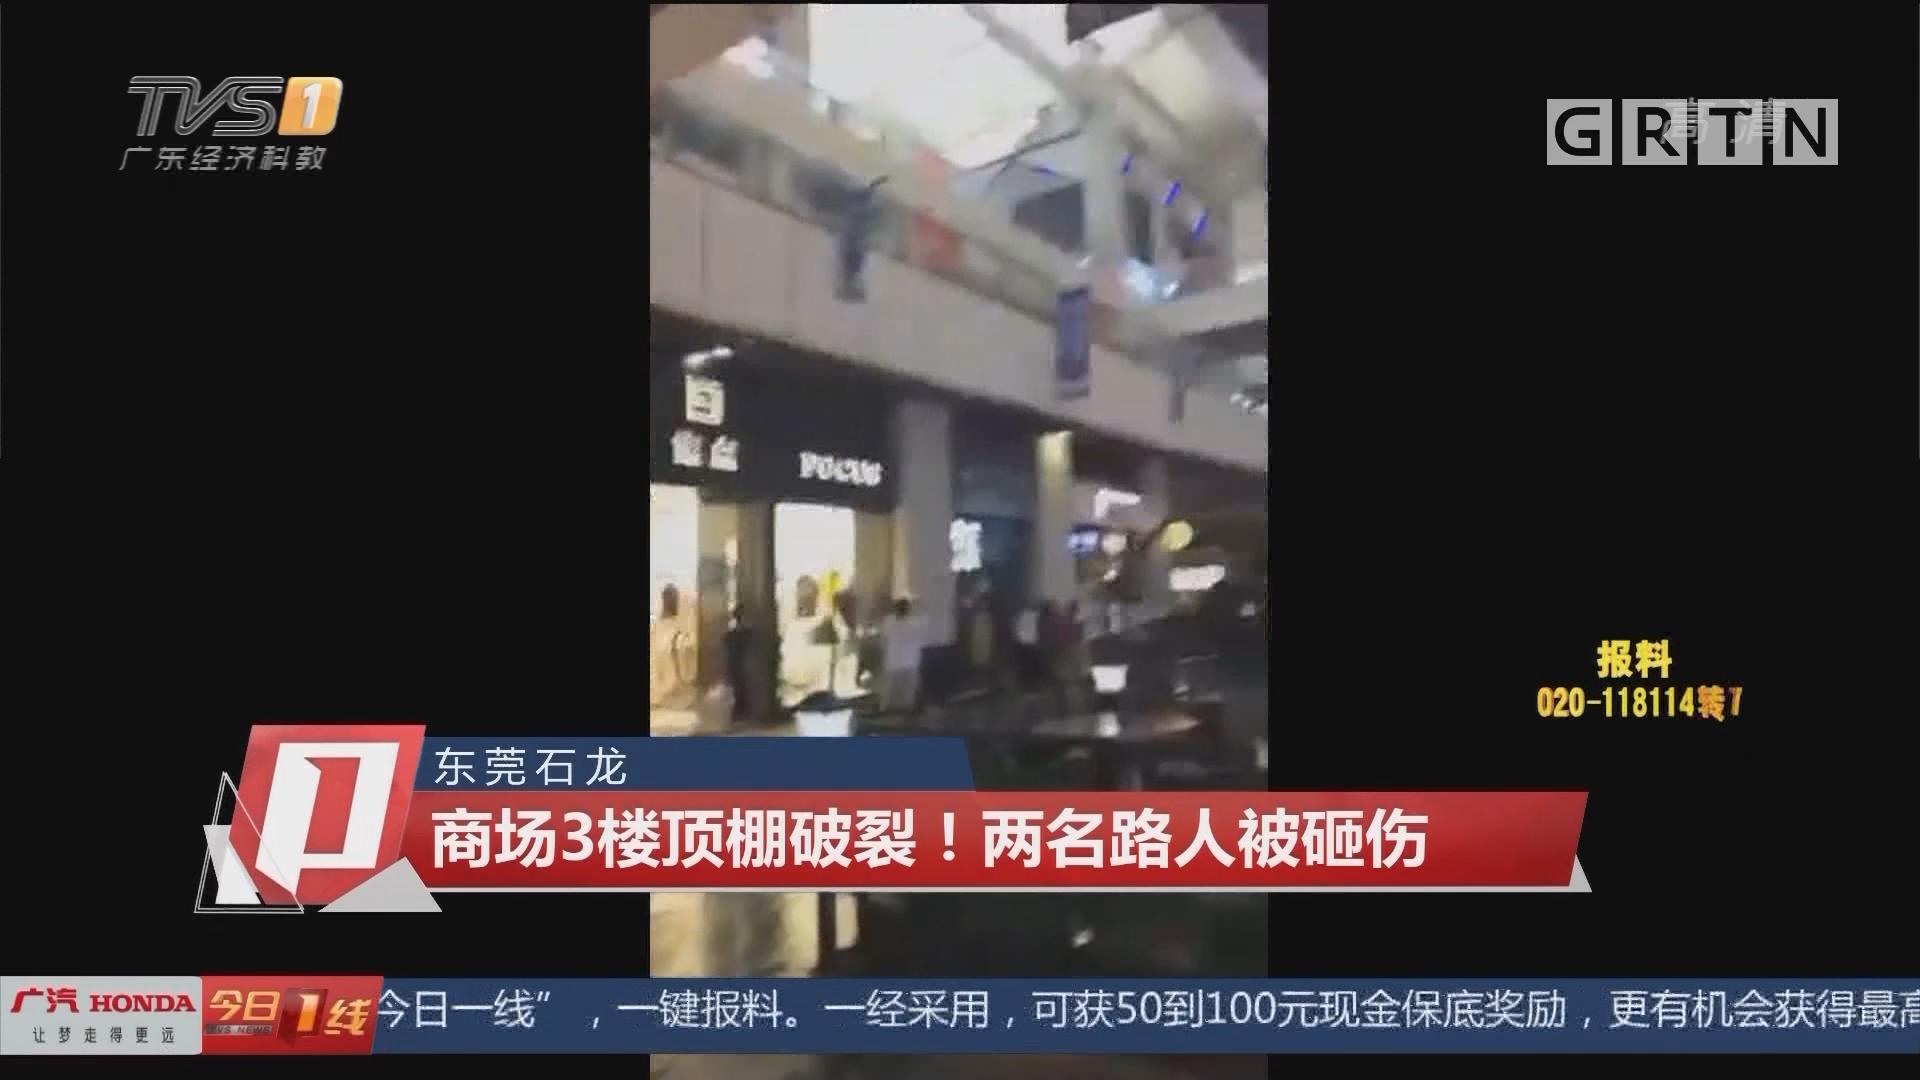 东莞石龙 商场3楼顶棚破裂!两名路人被砸伤